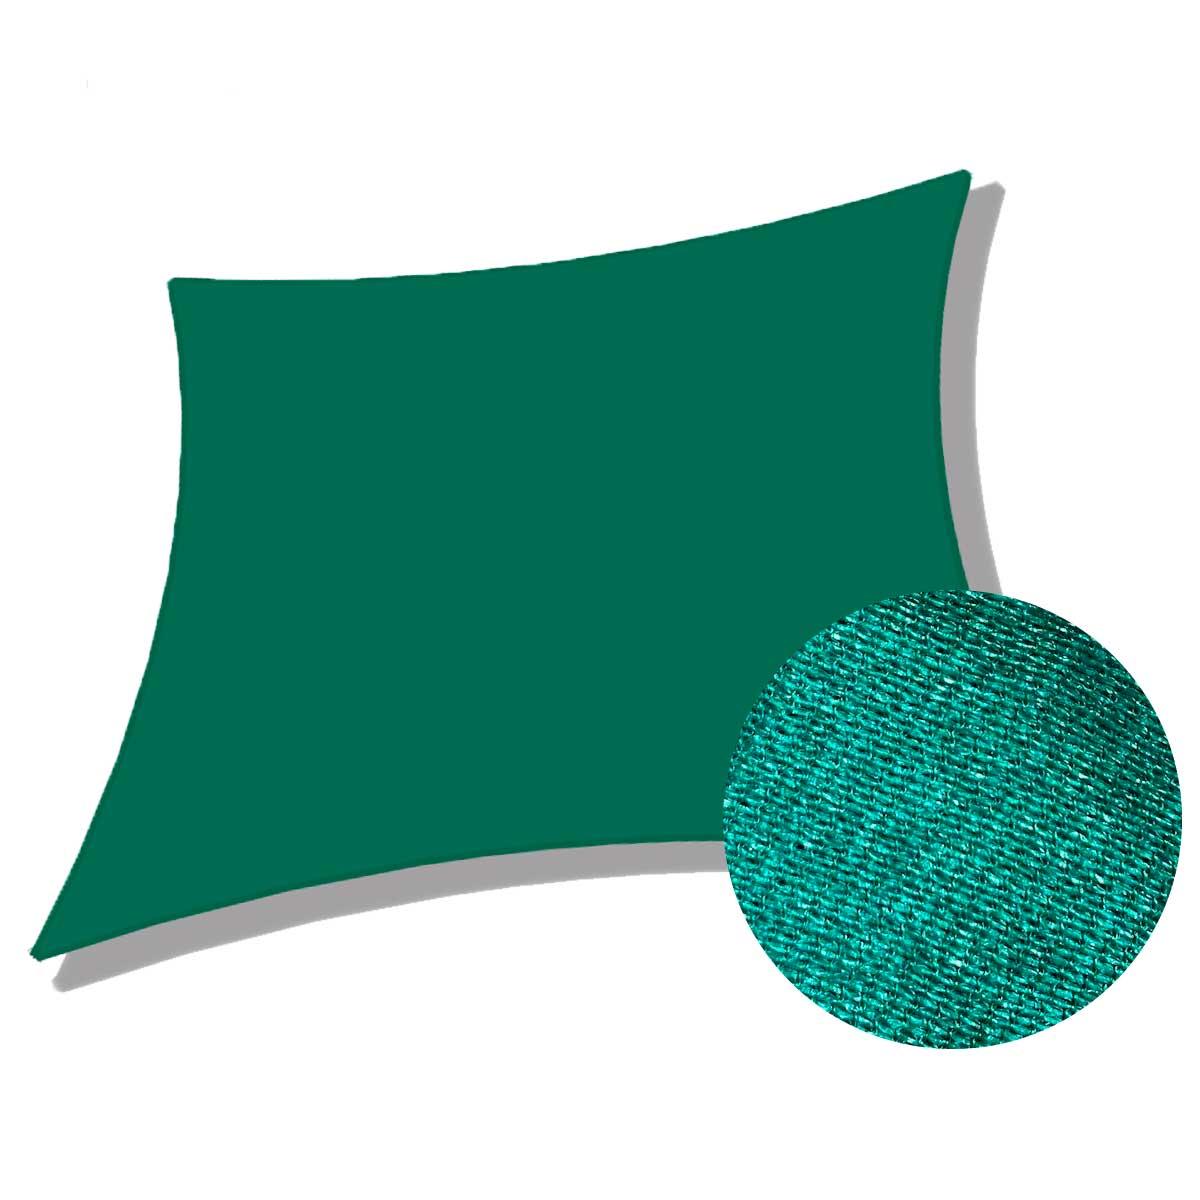 Tela Toldo Decorativa Shade Verde Sem Acabamento 5x4m